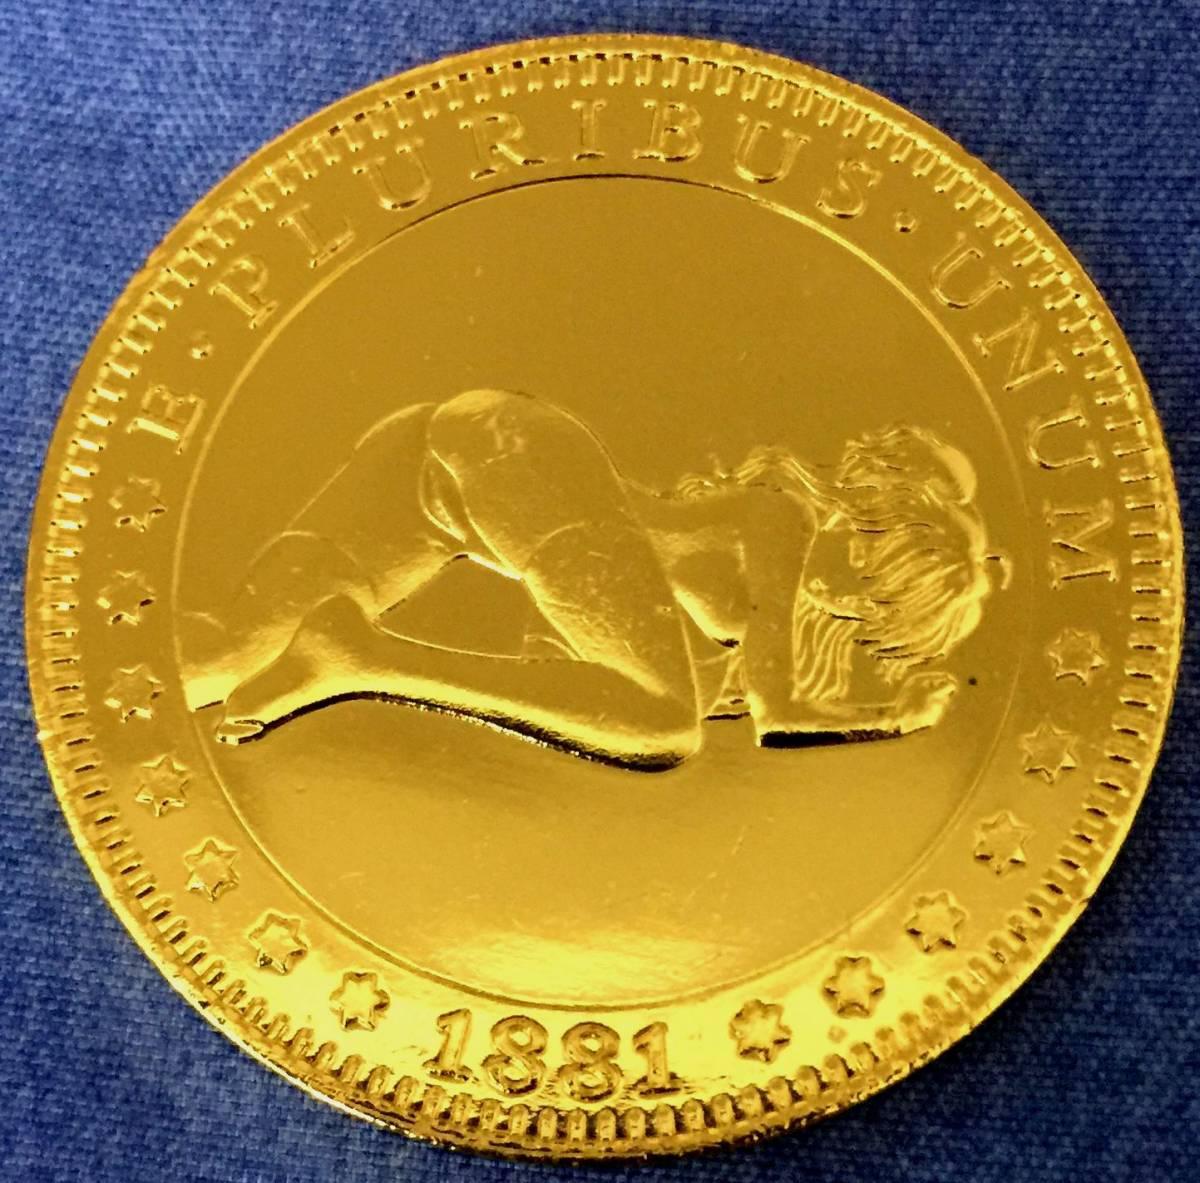 古銭貨幣 希少珍品 極上品 アメリカ 流浪者の 金貨 西部のカウボーイ 女 1881年 稀少 21.8g